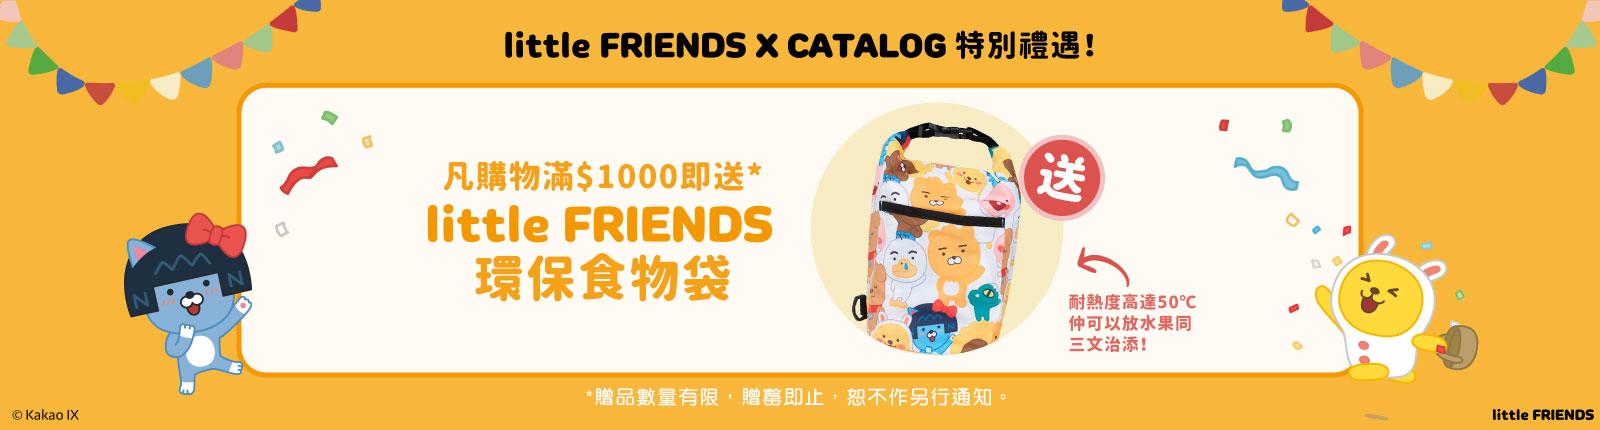 little FRIENDS x Catalog